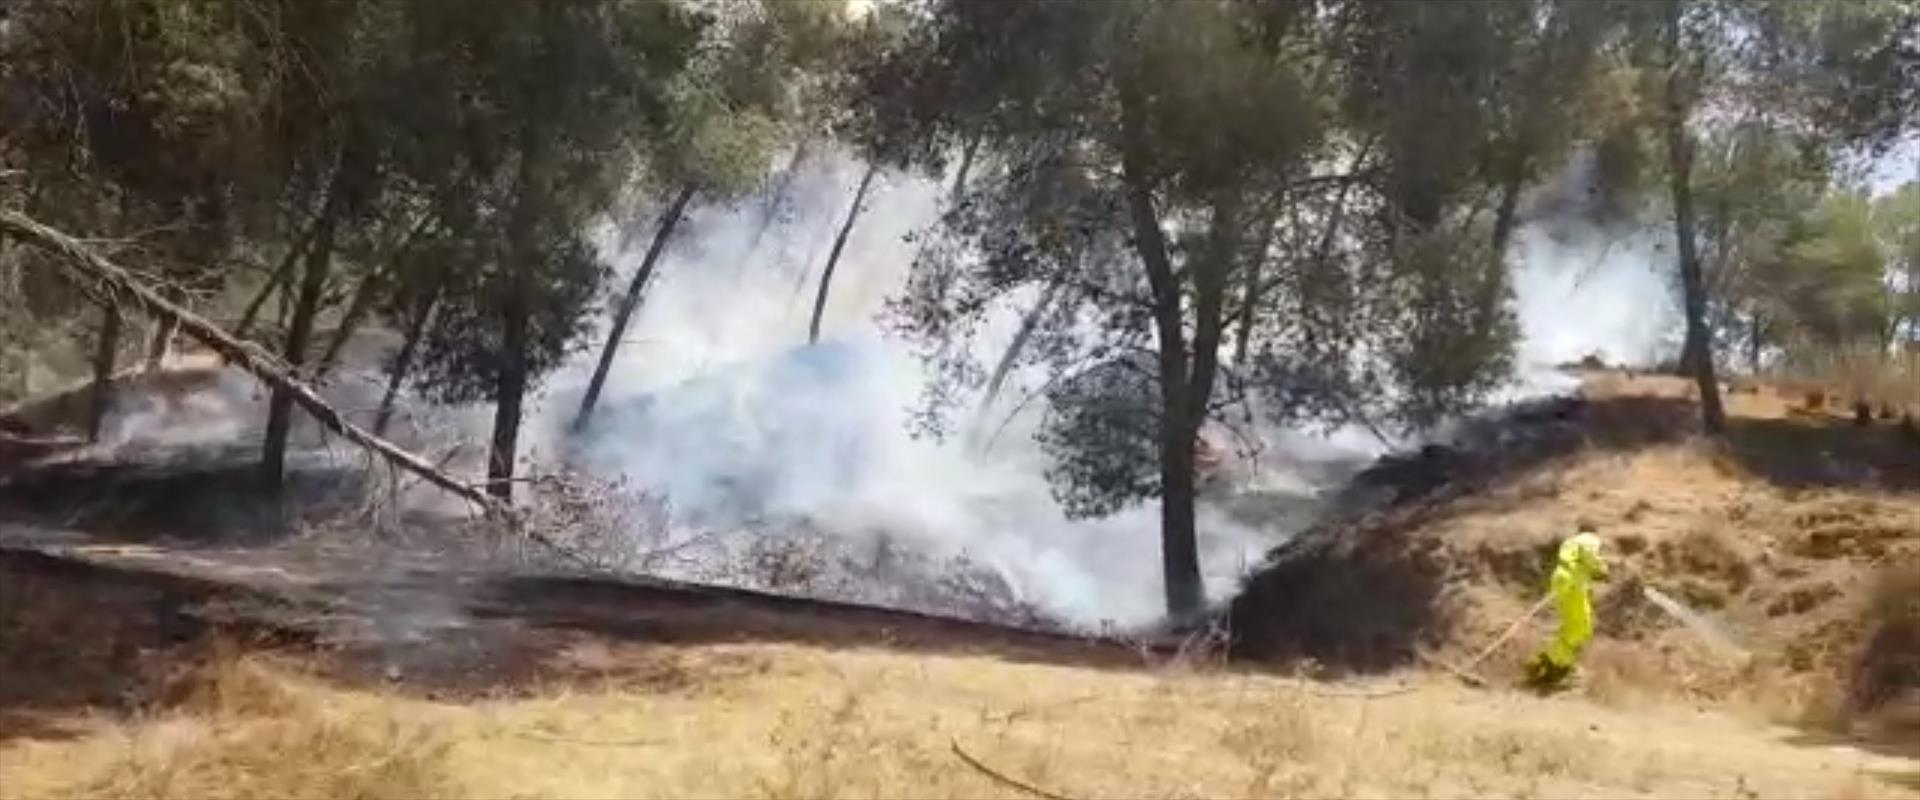 שריפה ביער בארי מבלון תבערה